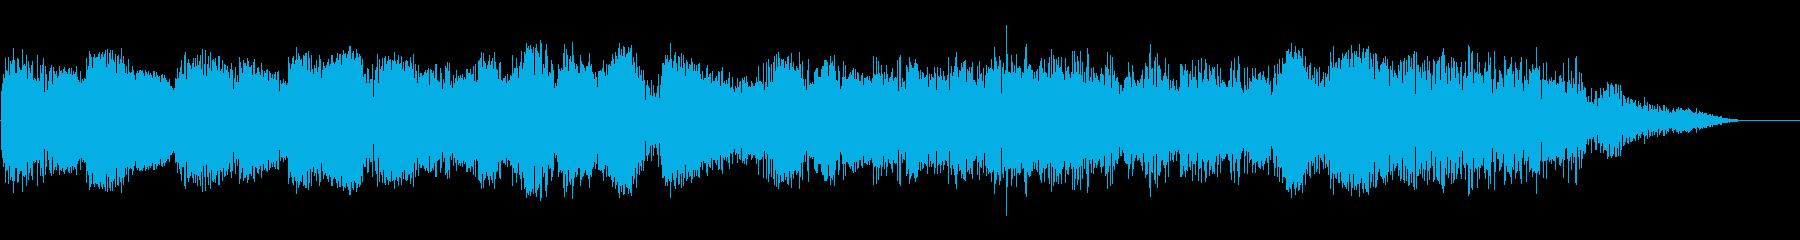 ゴーーッ(異空間ノイズ、飛行機の音)の再生済みの波形